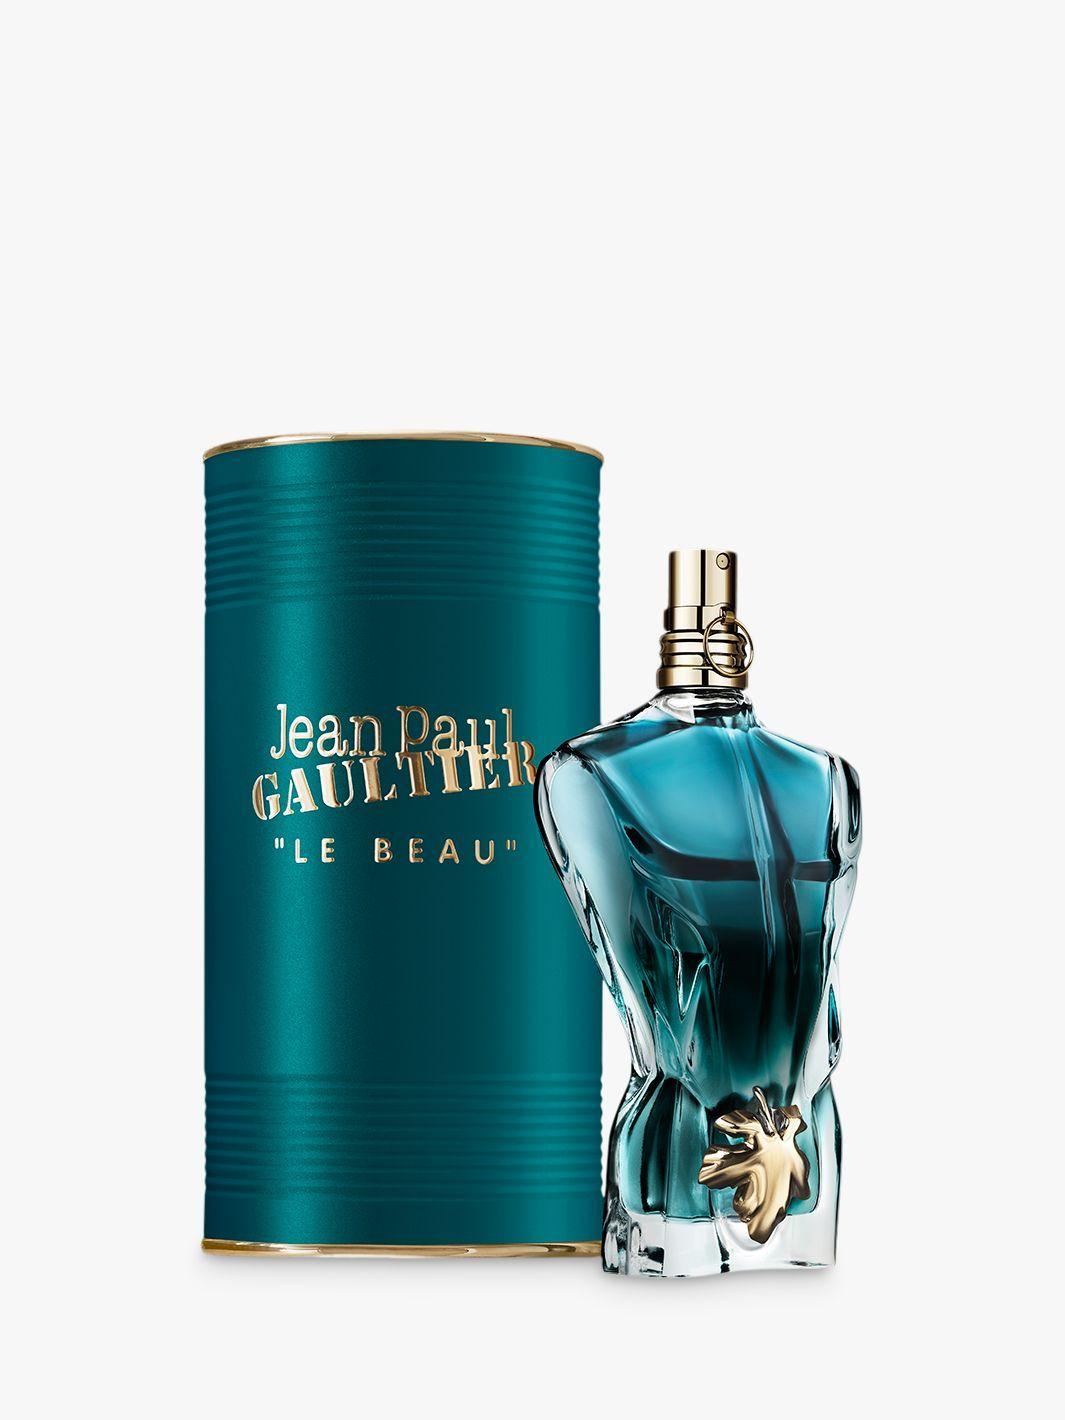 Jean Paul Gaultier Le Beau Eau De Toilette Perfume Fragancia